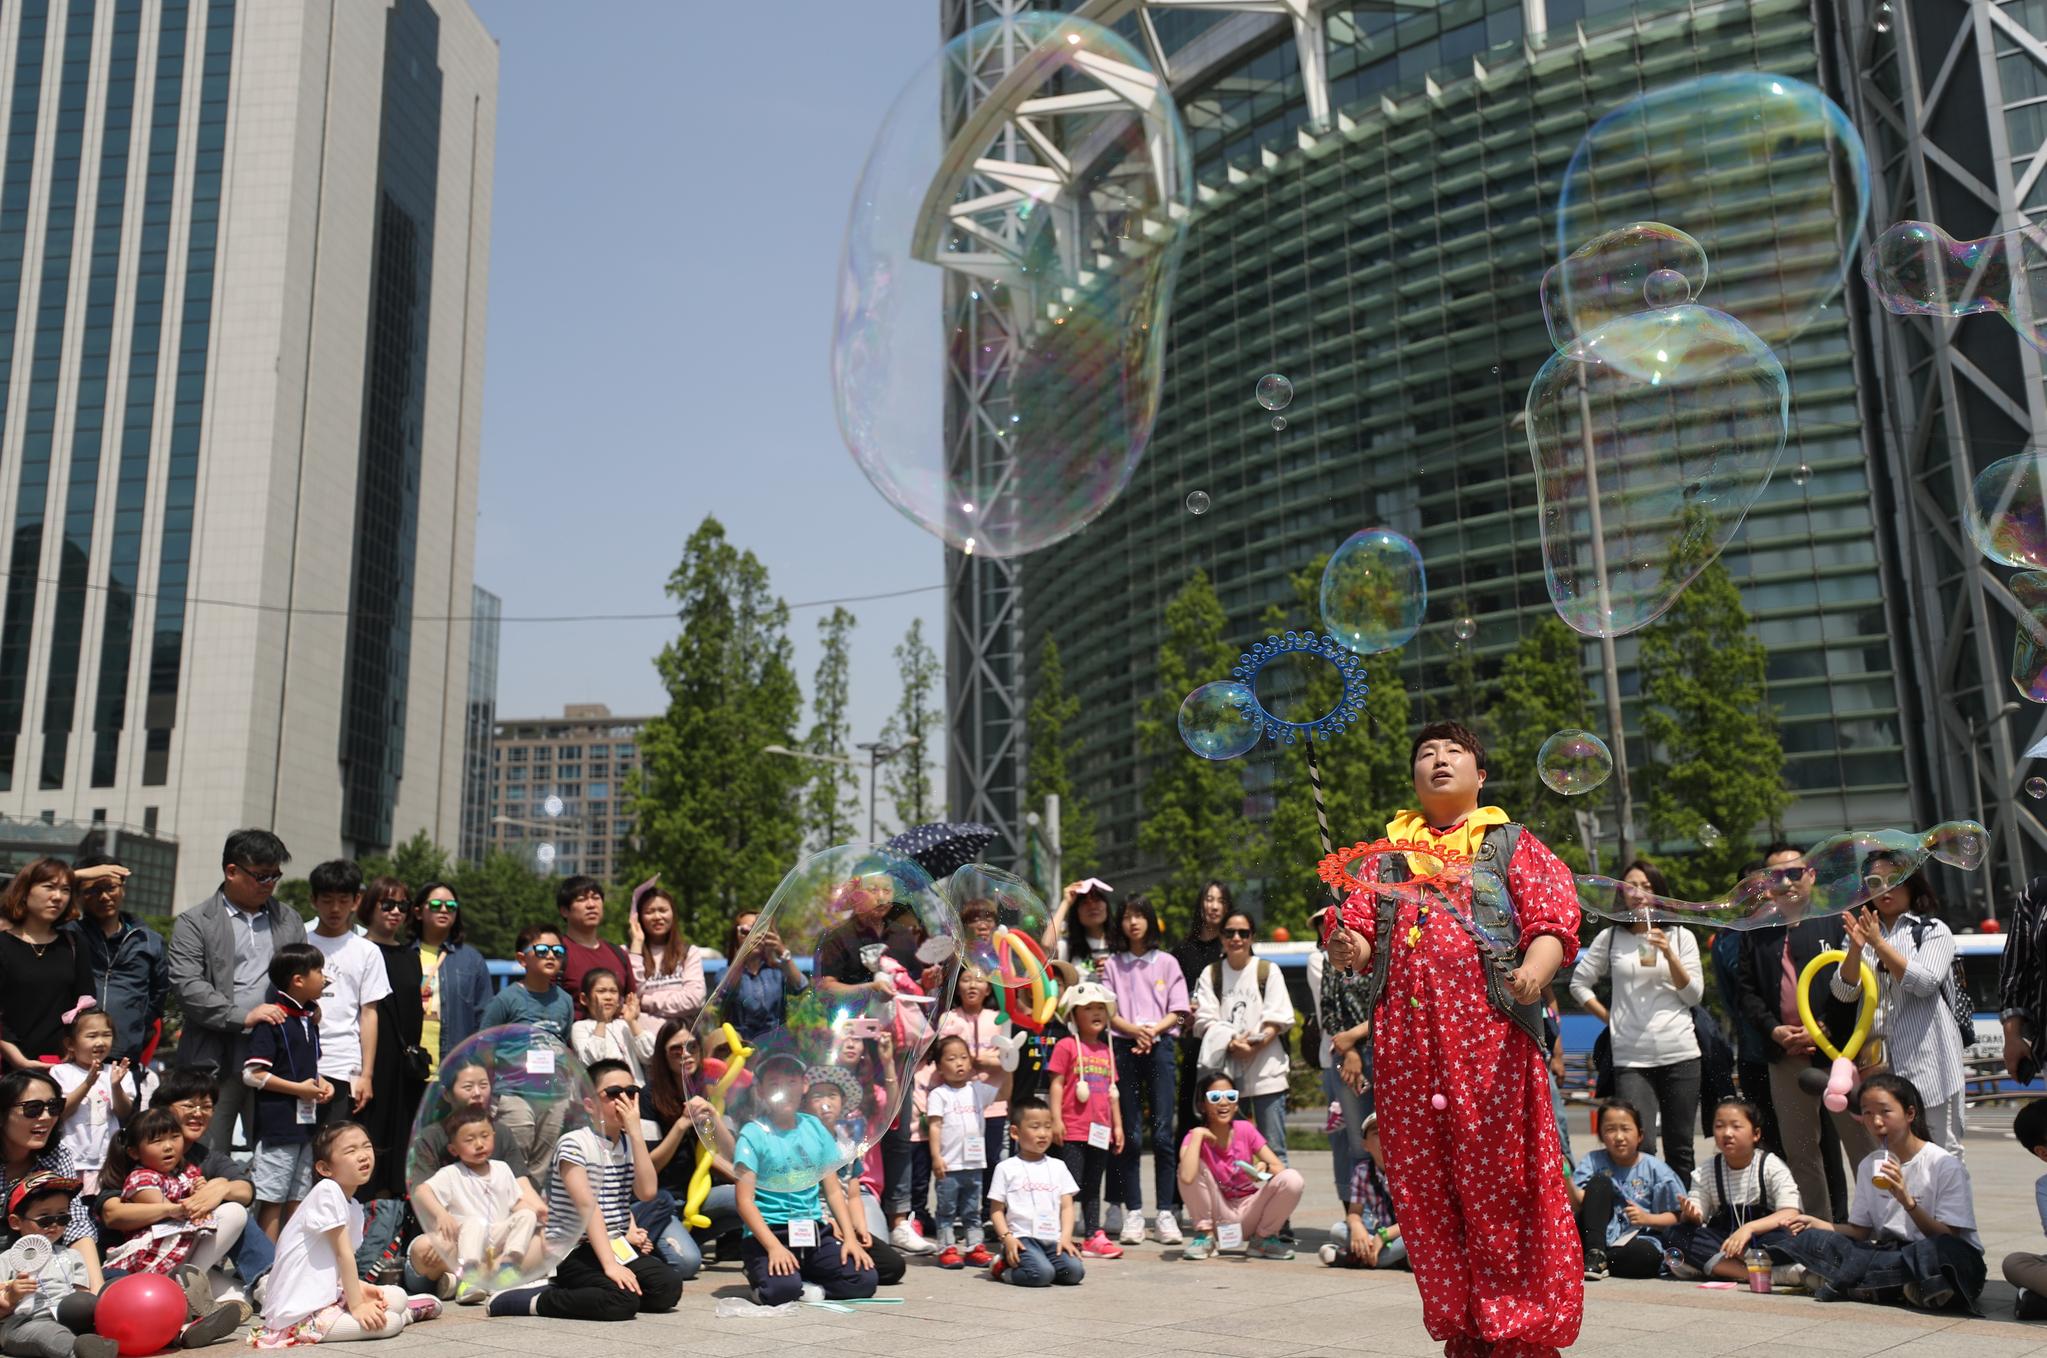 '어린이날 희망타종행사'에 앞서 어린이들이 버블쇼를 보며 즐거워하고 있다. [연합뉴스]